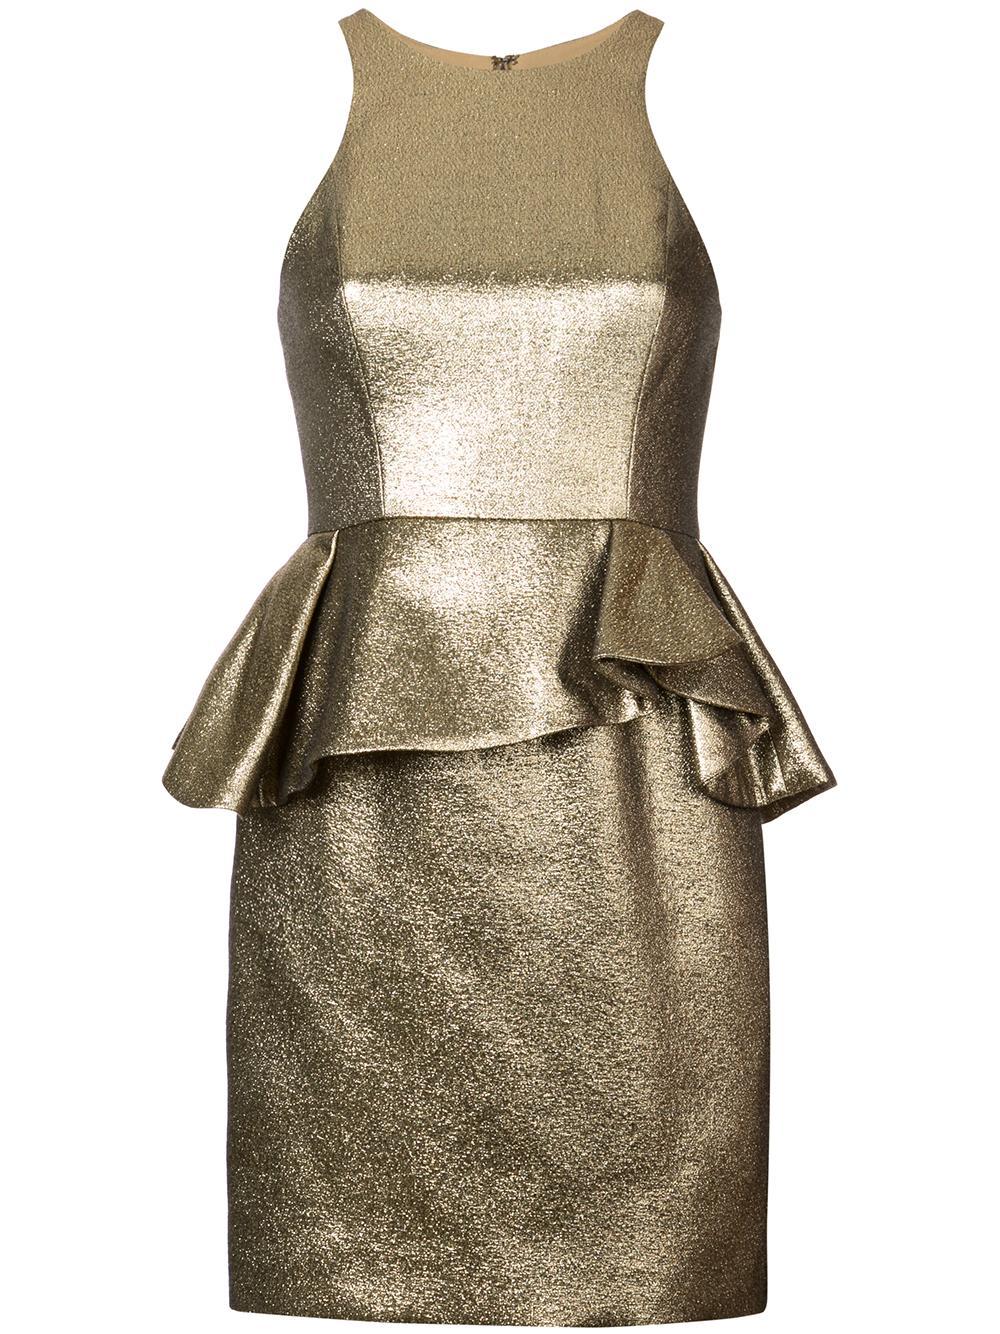 Sleevless High Neck Jacquard Peplum Dress